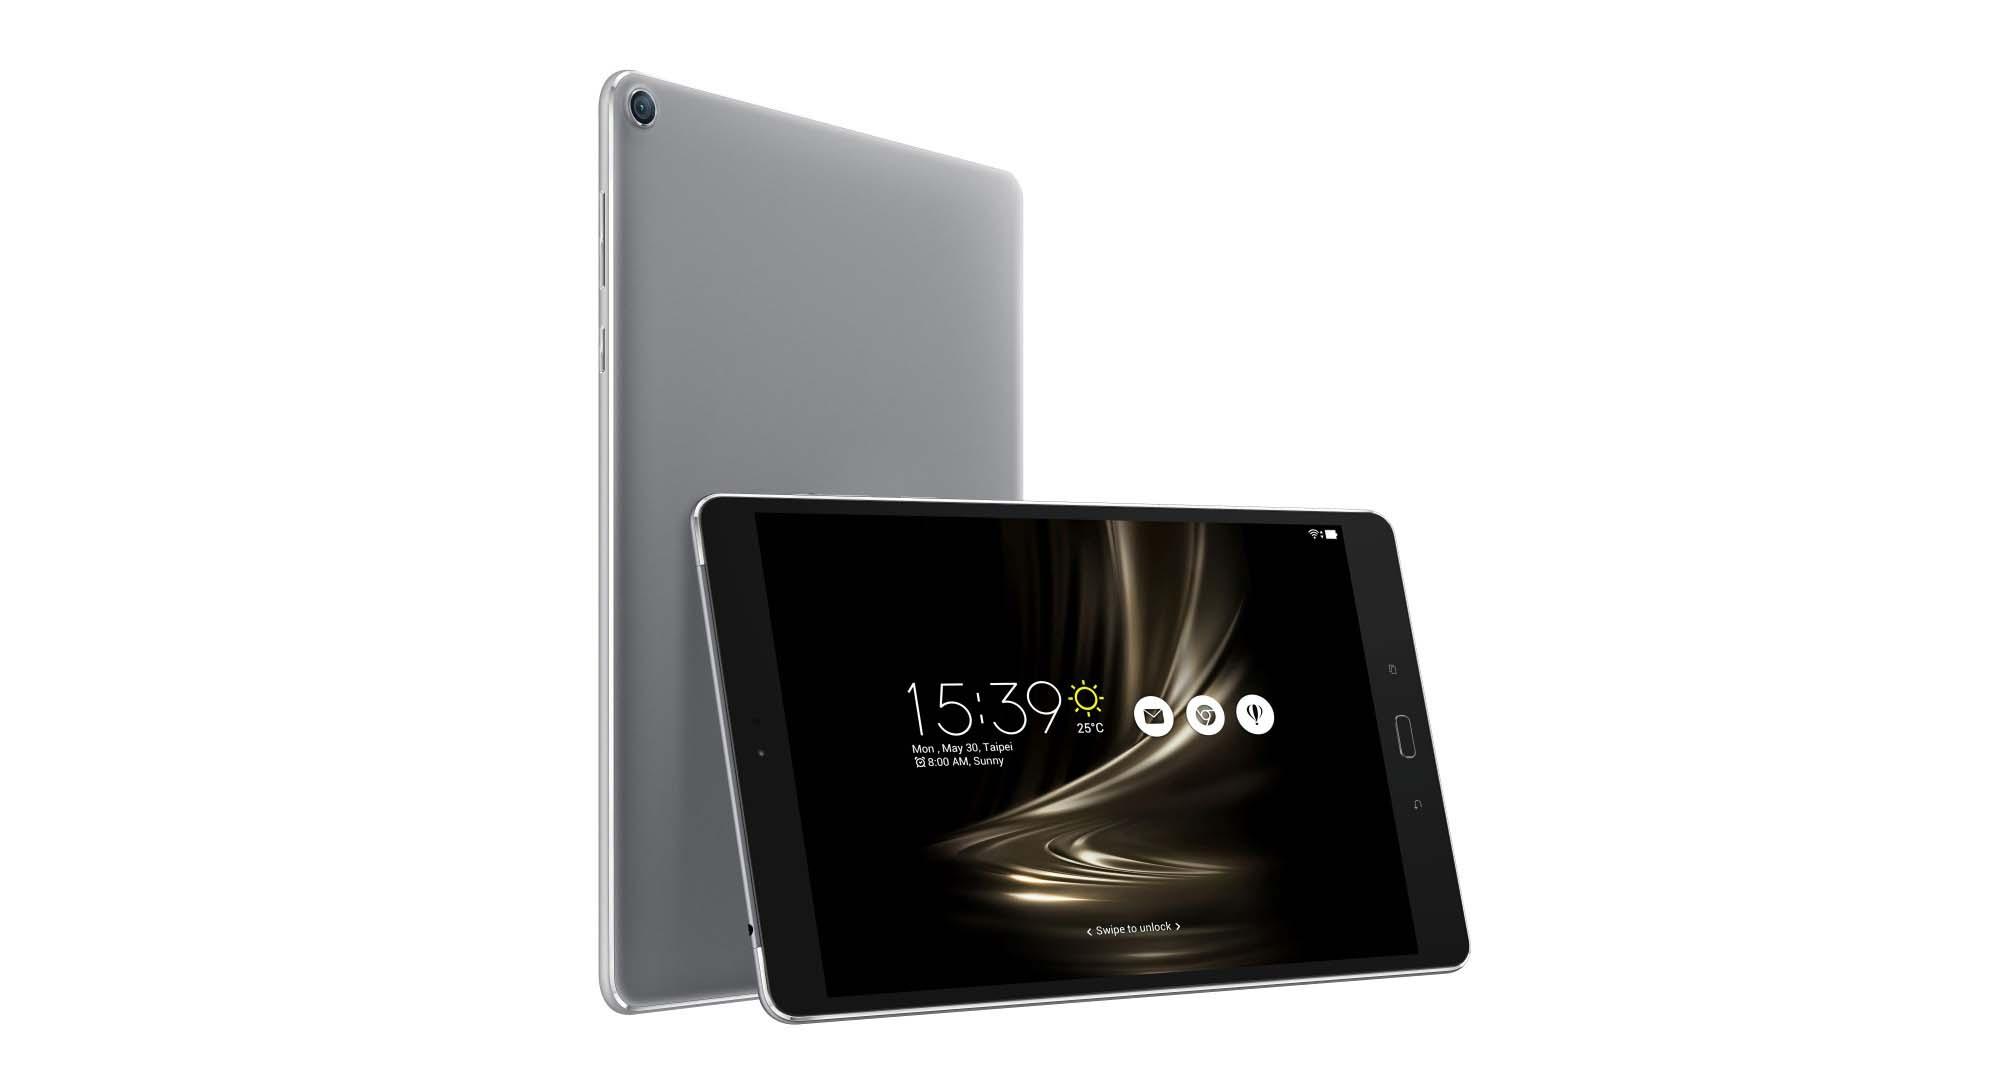 asus-zenpad-3s-10-z500m-titanium-grey